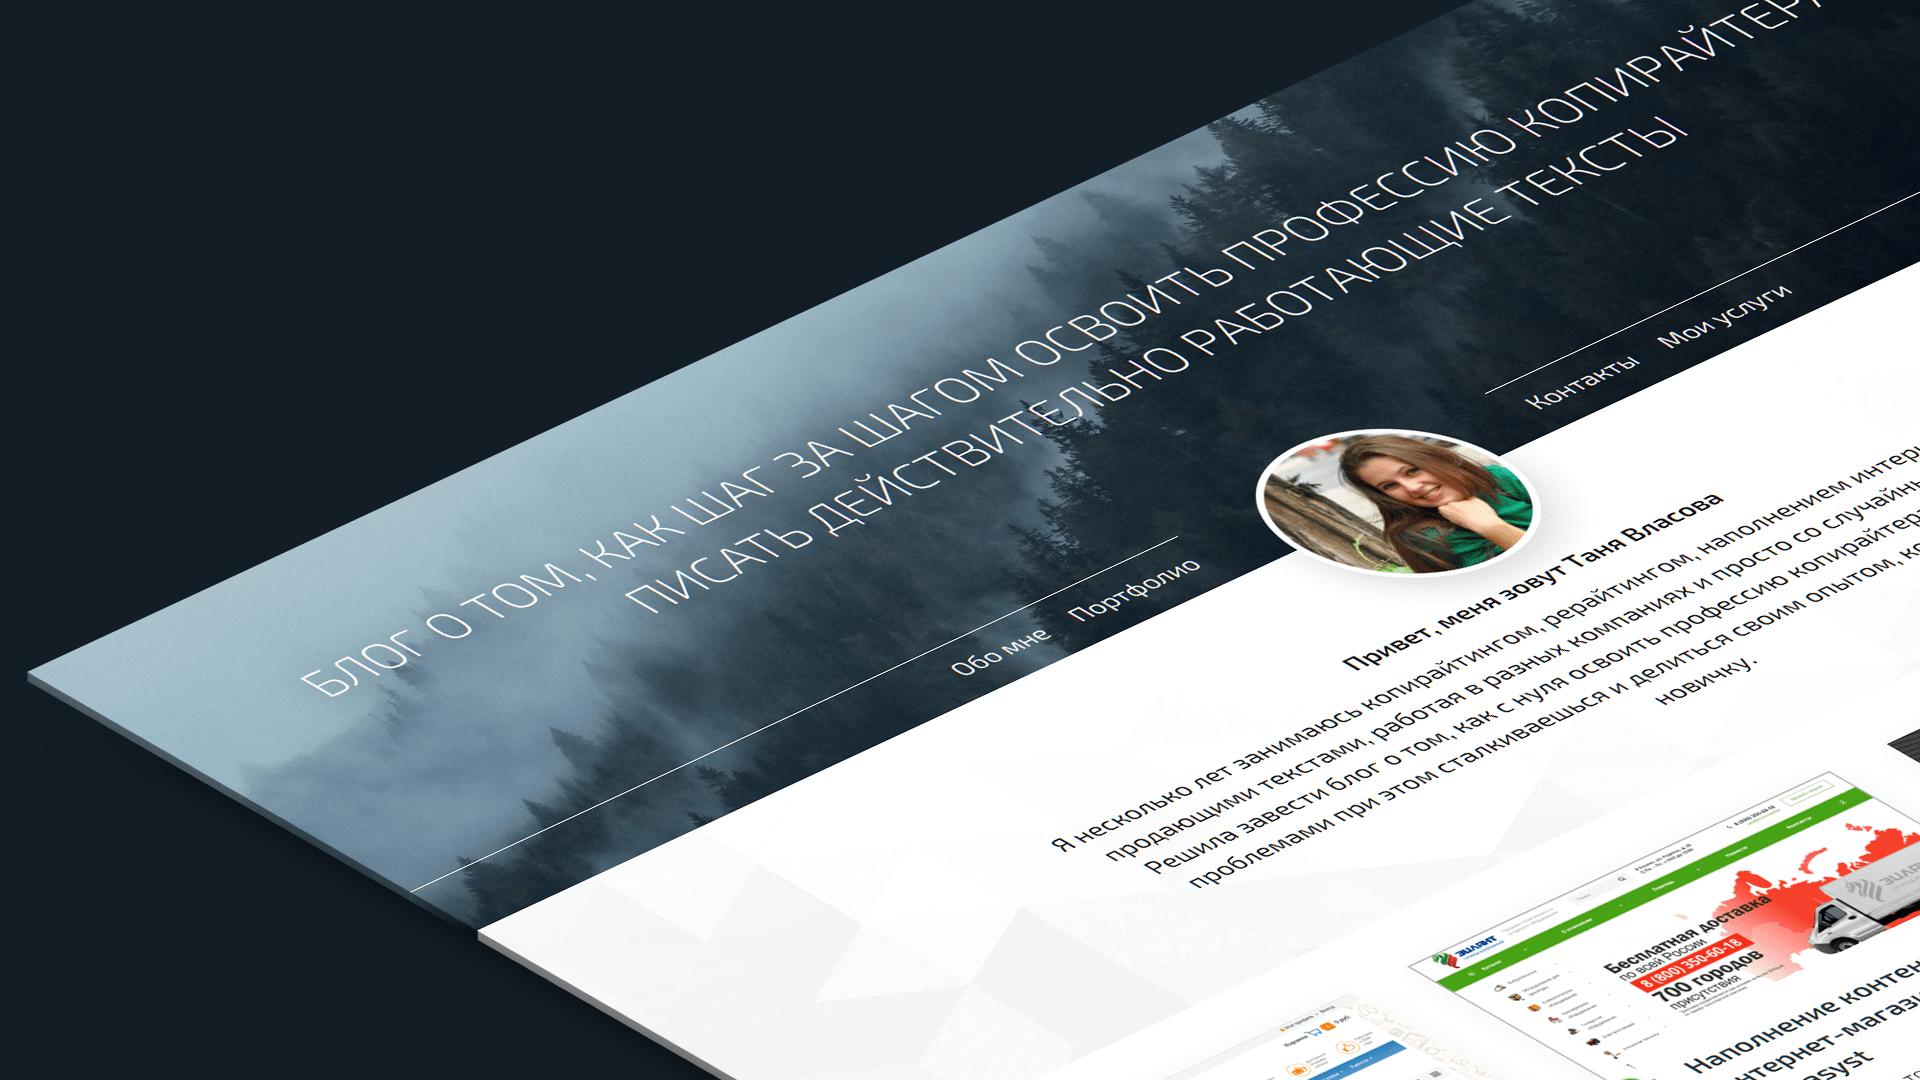 Разработка блога для Власовой Татьяны